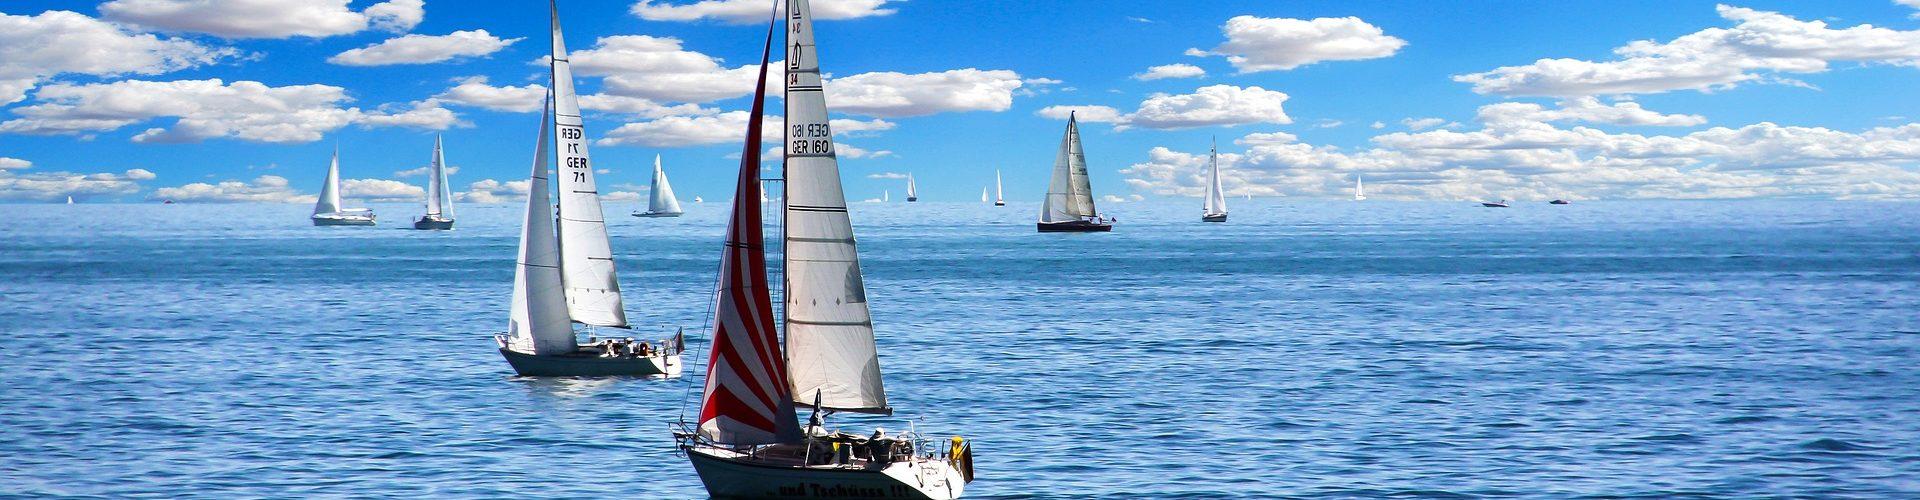 segeln lernen in Hameln segelschein machen in Hameln 1920x500 - Segeln lernen in Hameln